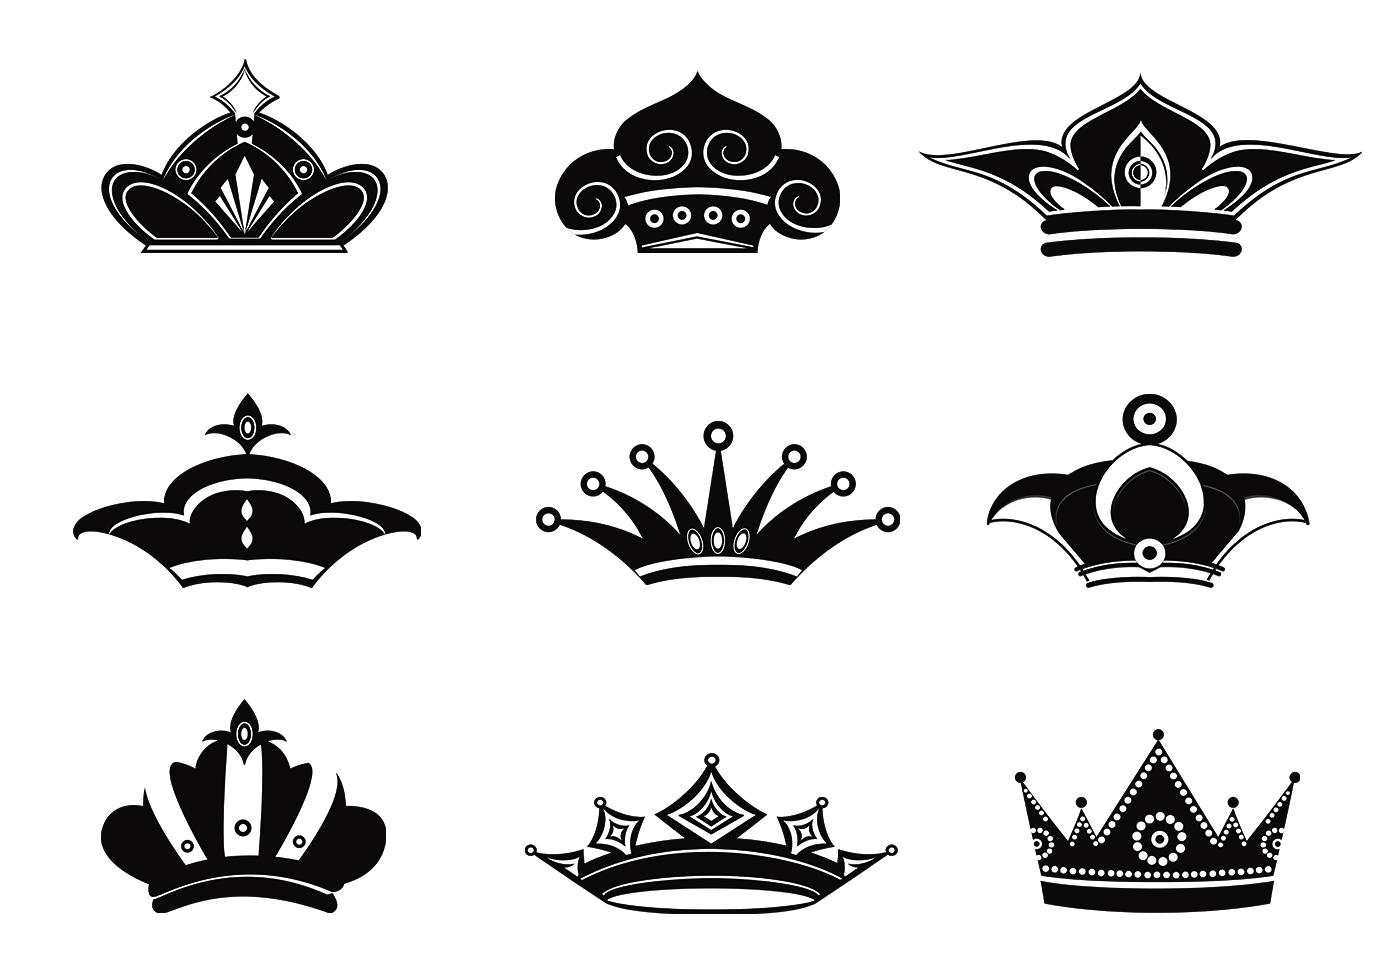 Queen Crown Vector Free Download